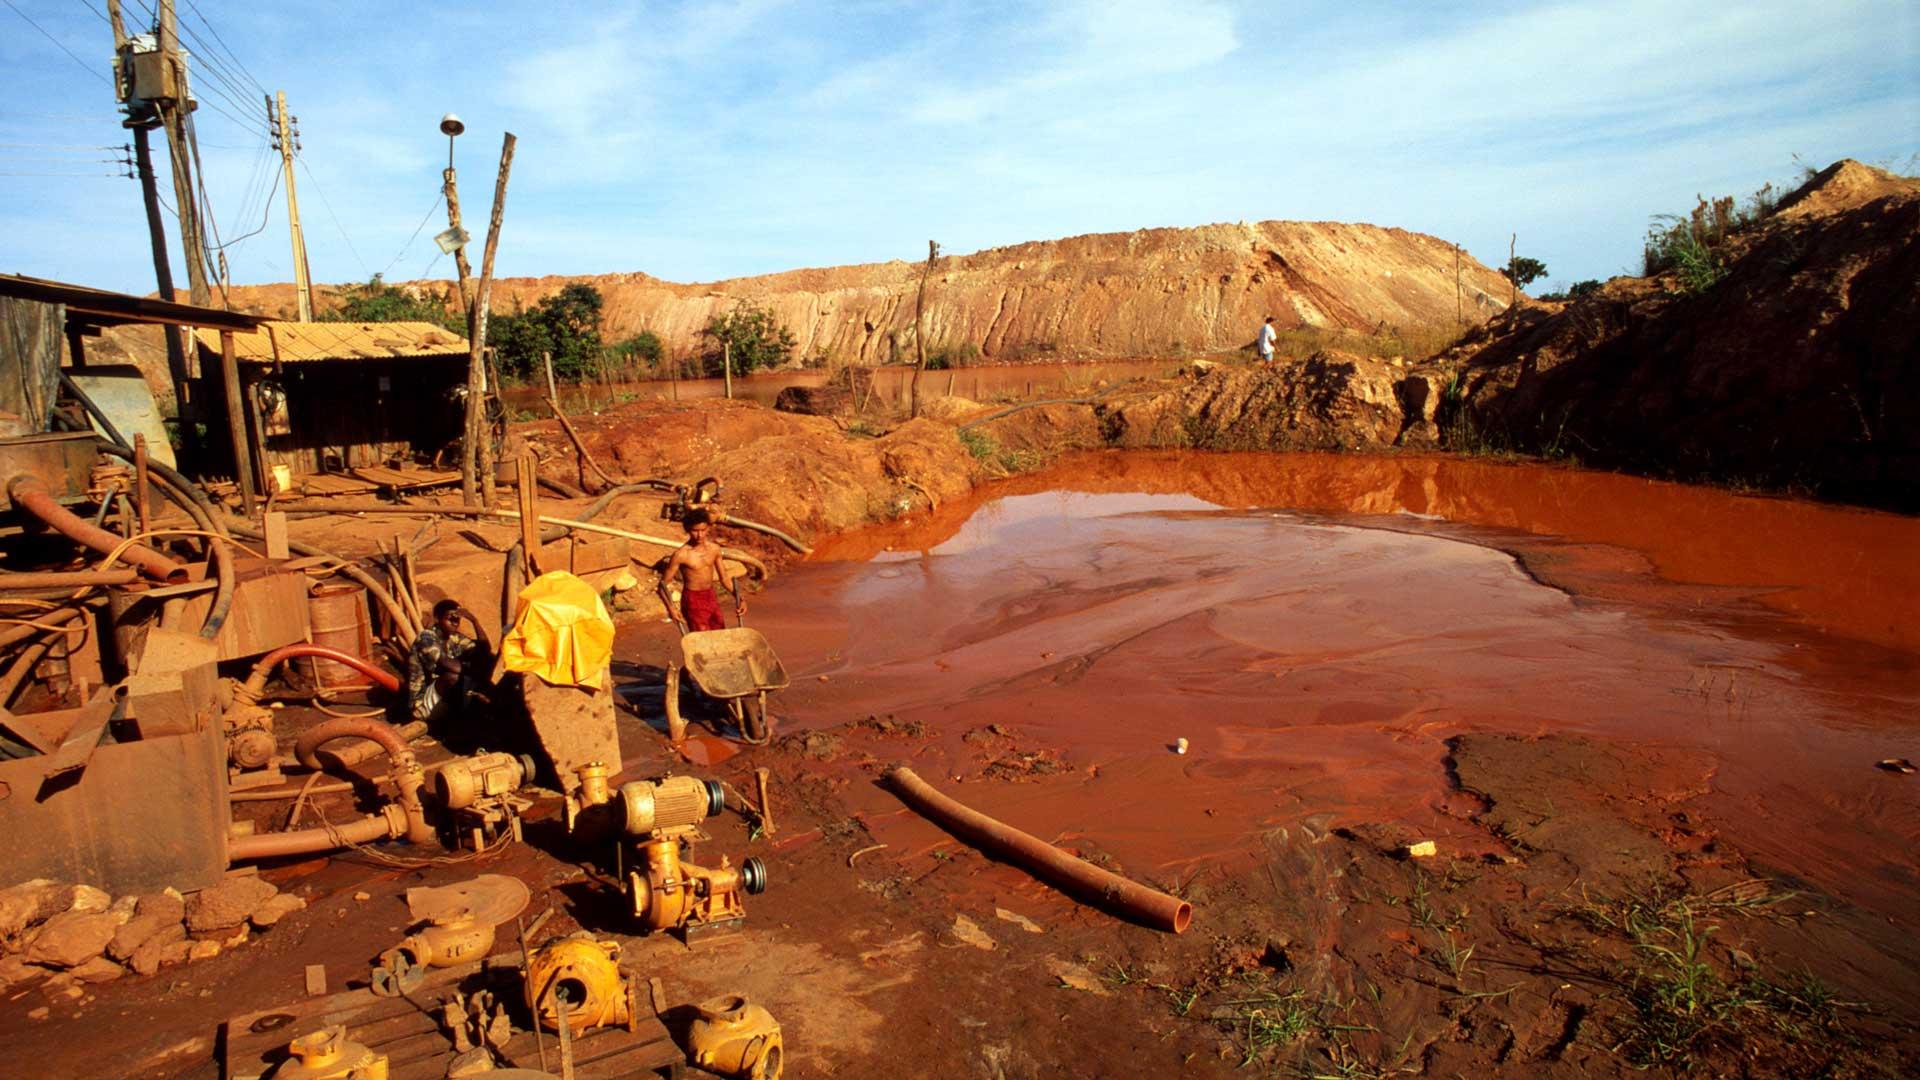 Der Abbau von Gold hat oftmals gravierende Folge für Tiere, Pflanzen und damit auch für Menschen. © Juan Pratginestos / WWF